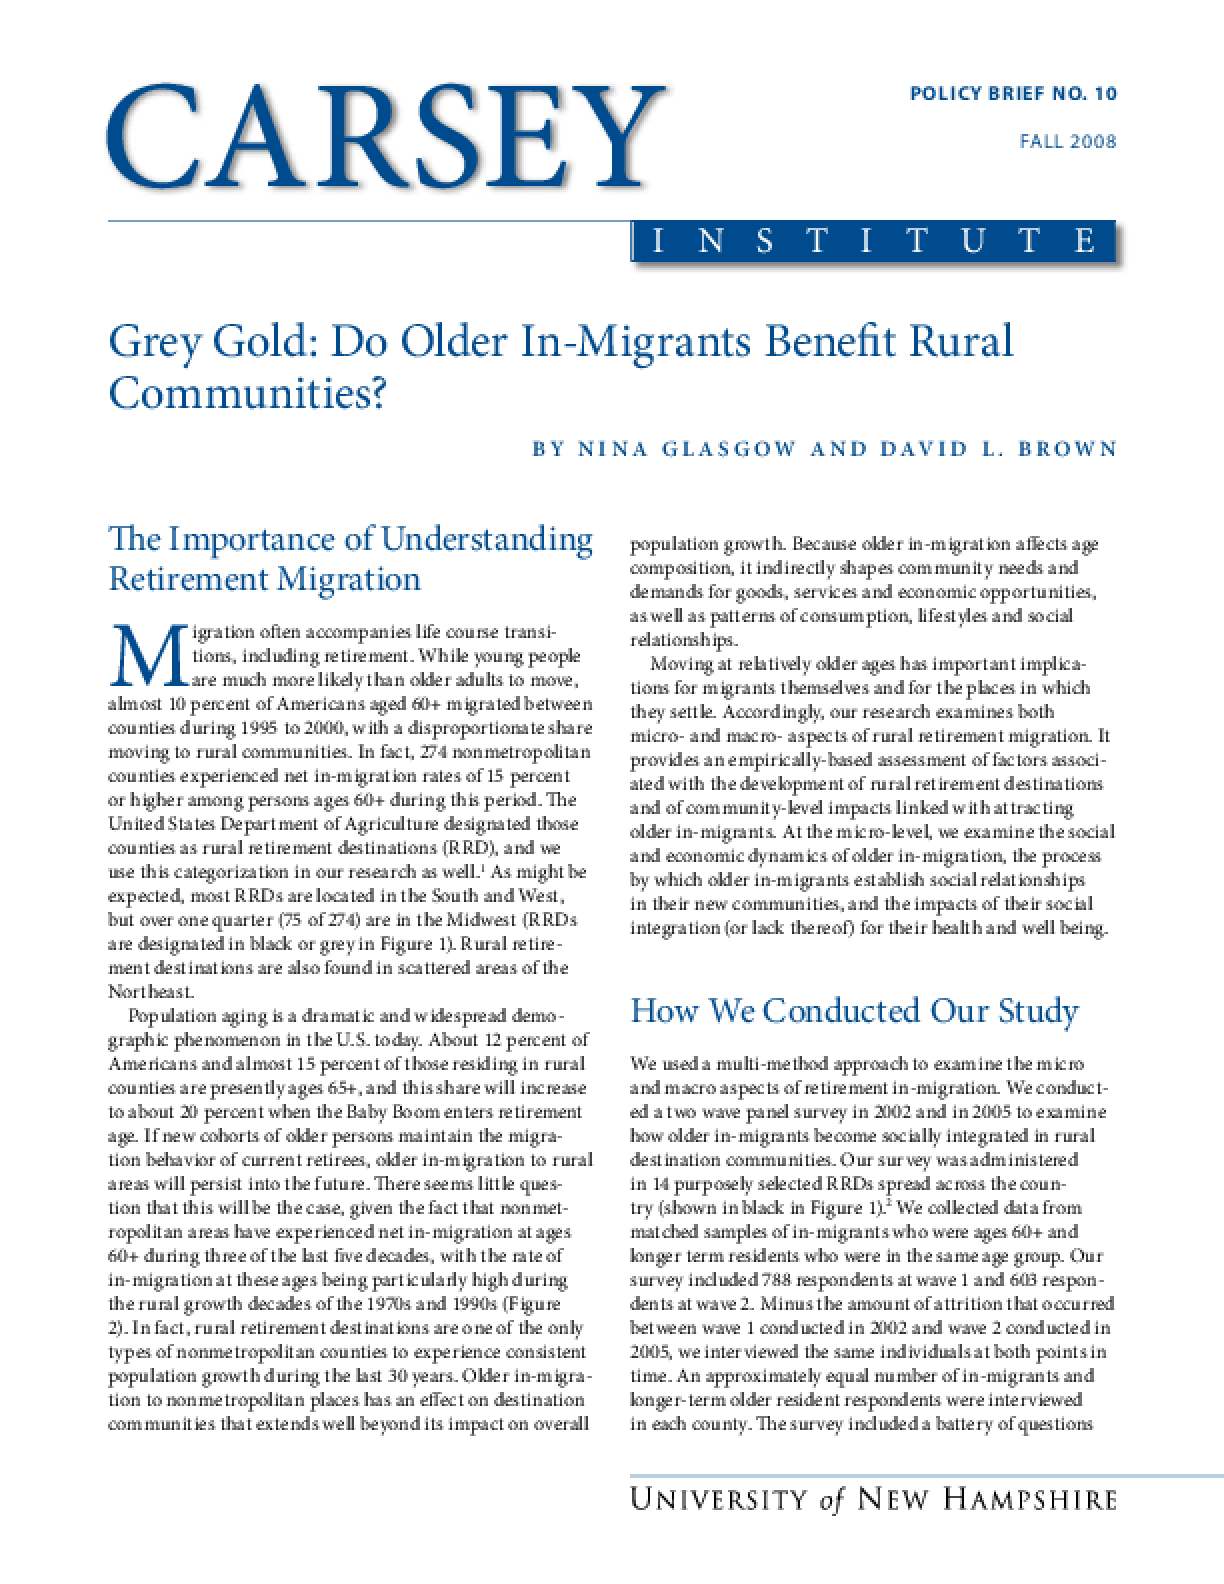 Grey Gold: Do Older In-migrants Benefit Rural Communities?